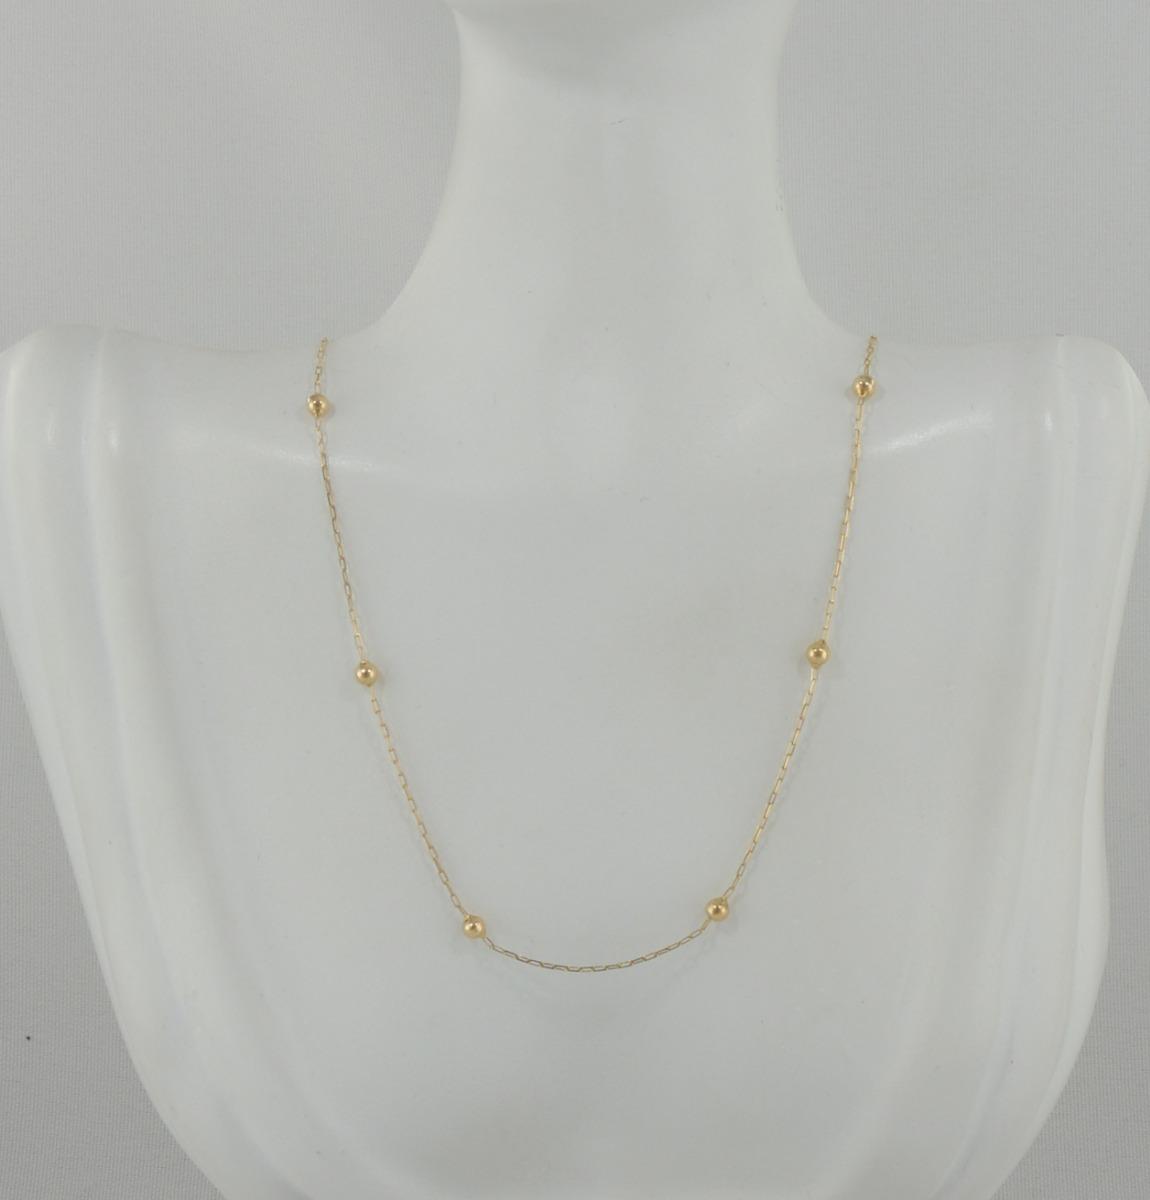 c19e0d682e0 gargantilha cartier bolinhas 40 cm ouro 18k cordão colar. Carregando zoom...  gargantilha ouro colar. Carregando zoom.